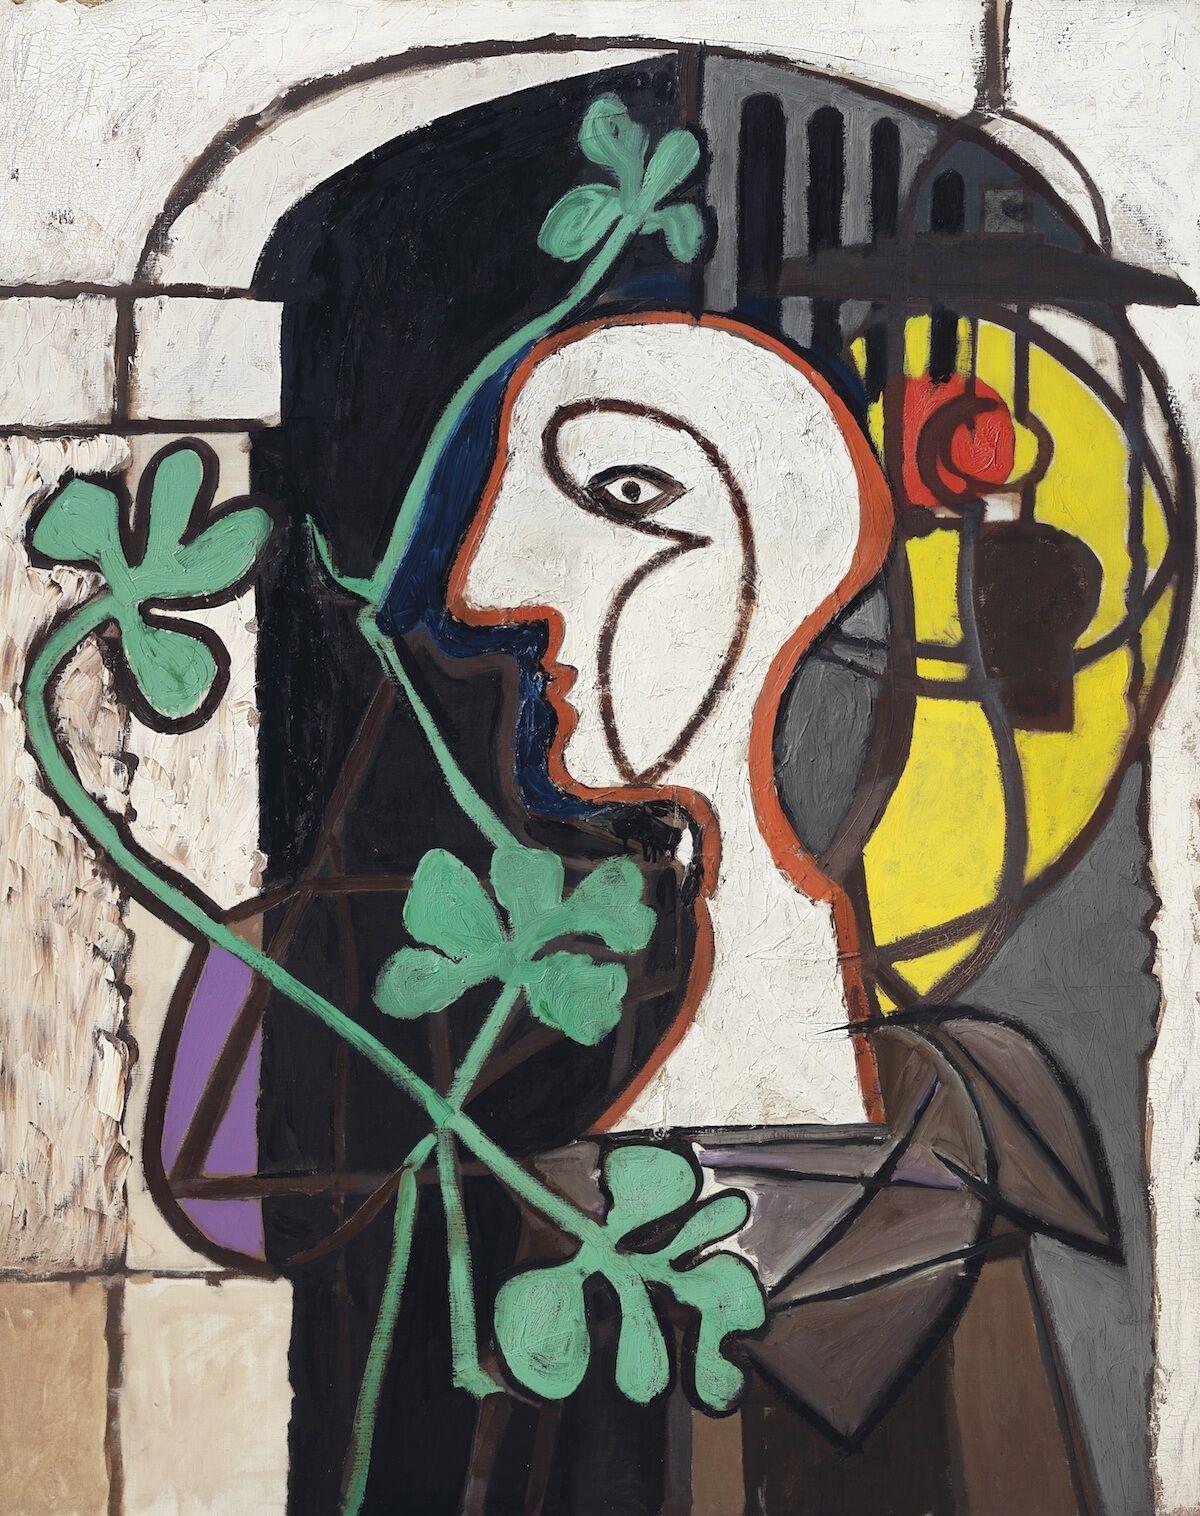 Pablo Picasso, La Lampe, 1931, oil on canvas. Est. $25–35 million. Courtesy Christie'